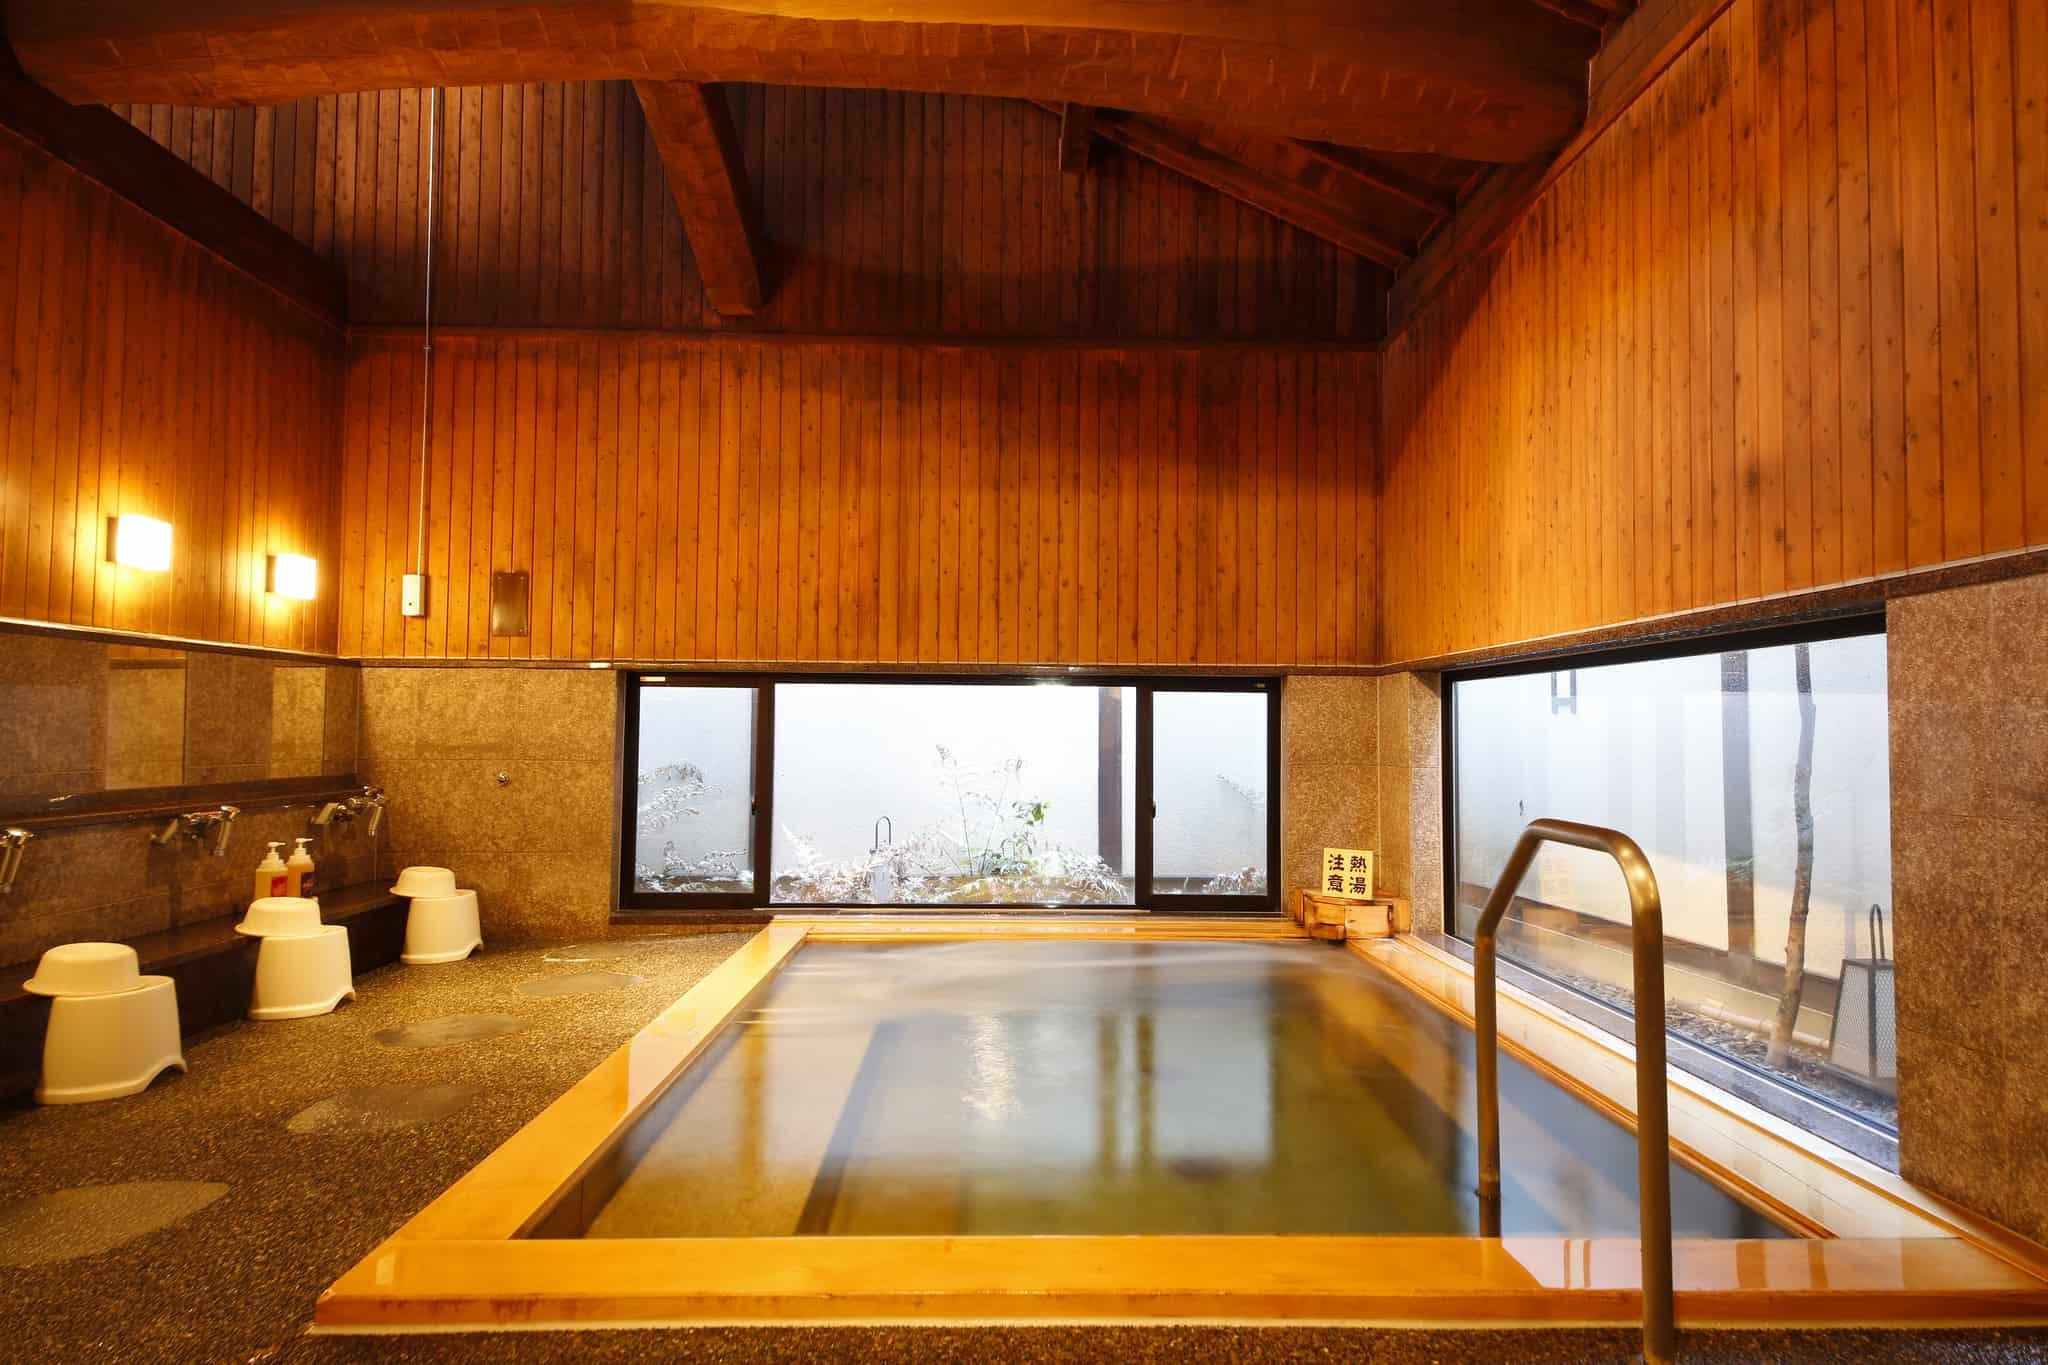 ภายใน Yanagiyu Onsen มีบรรยากาศสบายๆ ตกแต่งด้วยโครงสร้างไม้ขนาดใหญ่แบบคลาสสิก ให้ความรู้สึกอบอุ่นและปลอดภัย